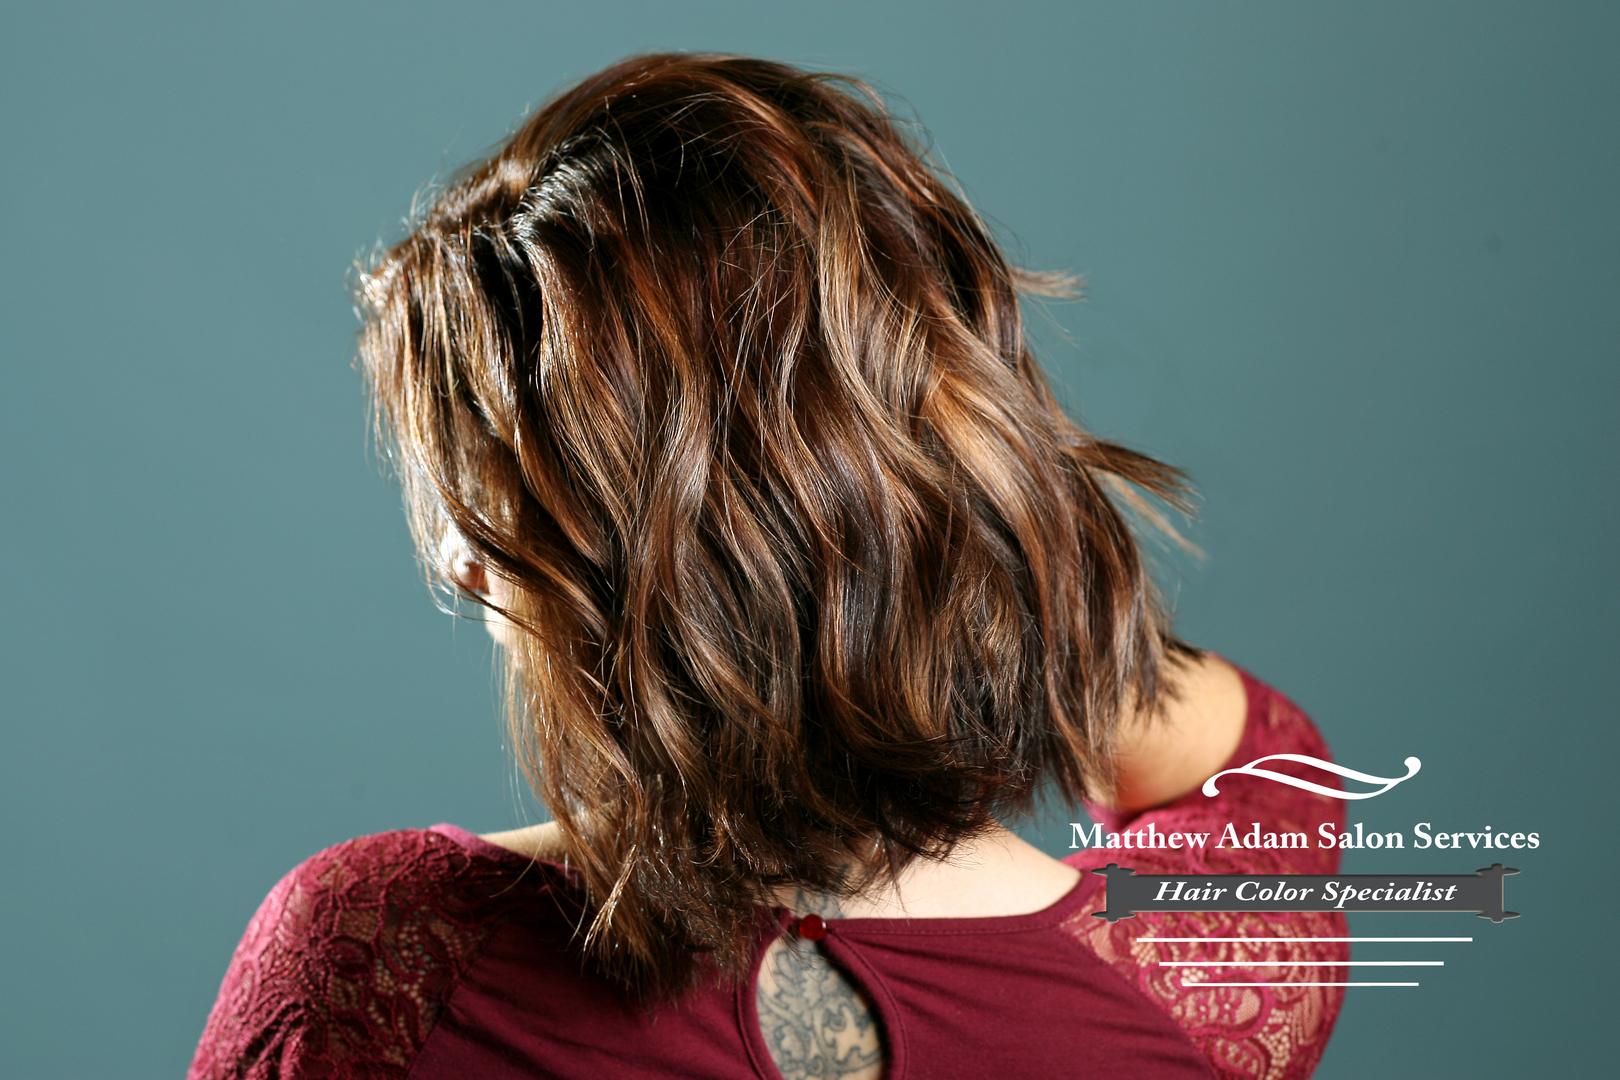 Hair Color Salon In Addison Matthew Adam Salon Services